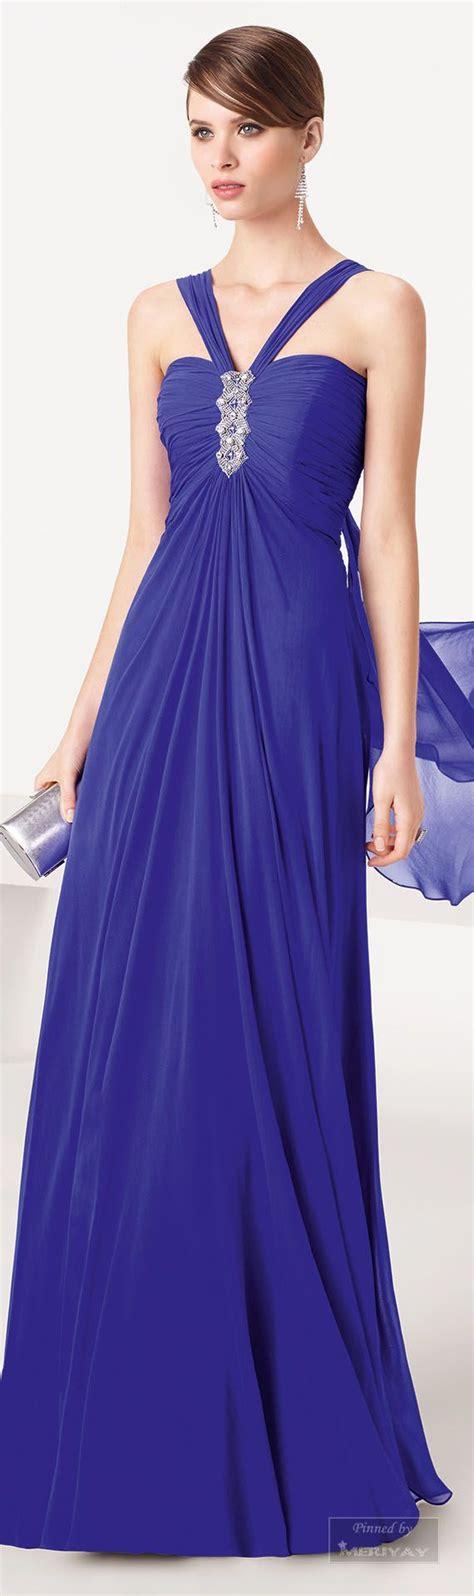 Vistoso Vestidos De Dama Azul Composición - Ideas para el Banquete ...